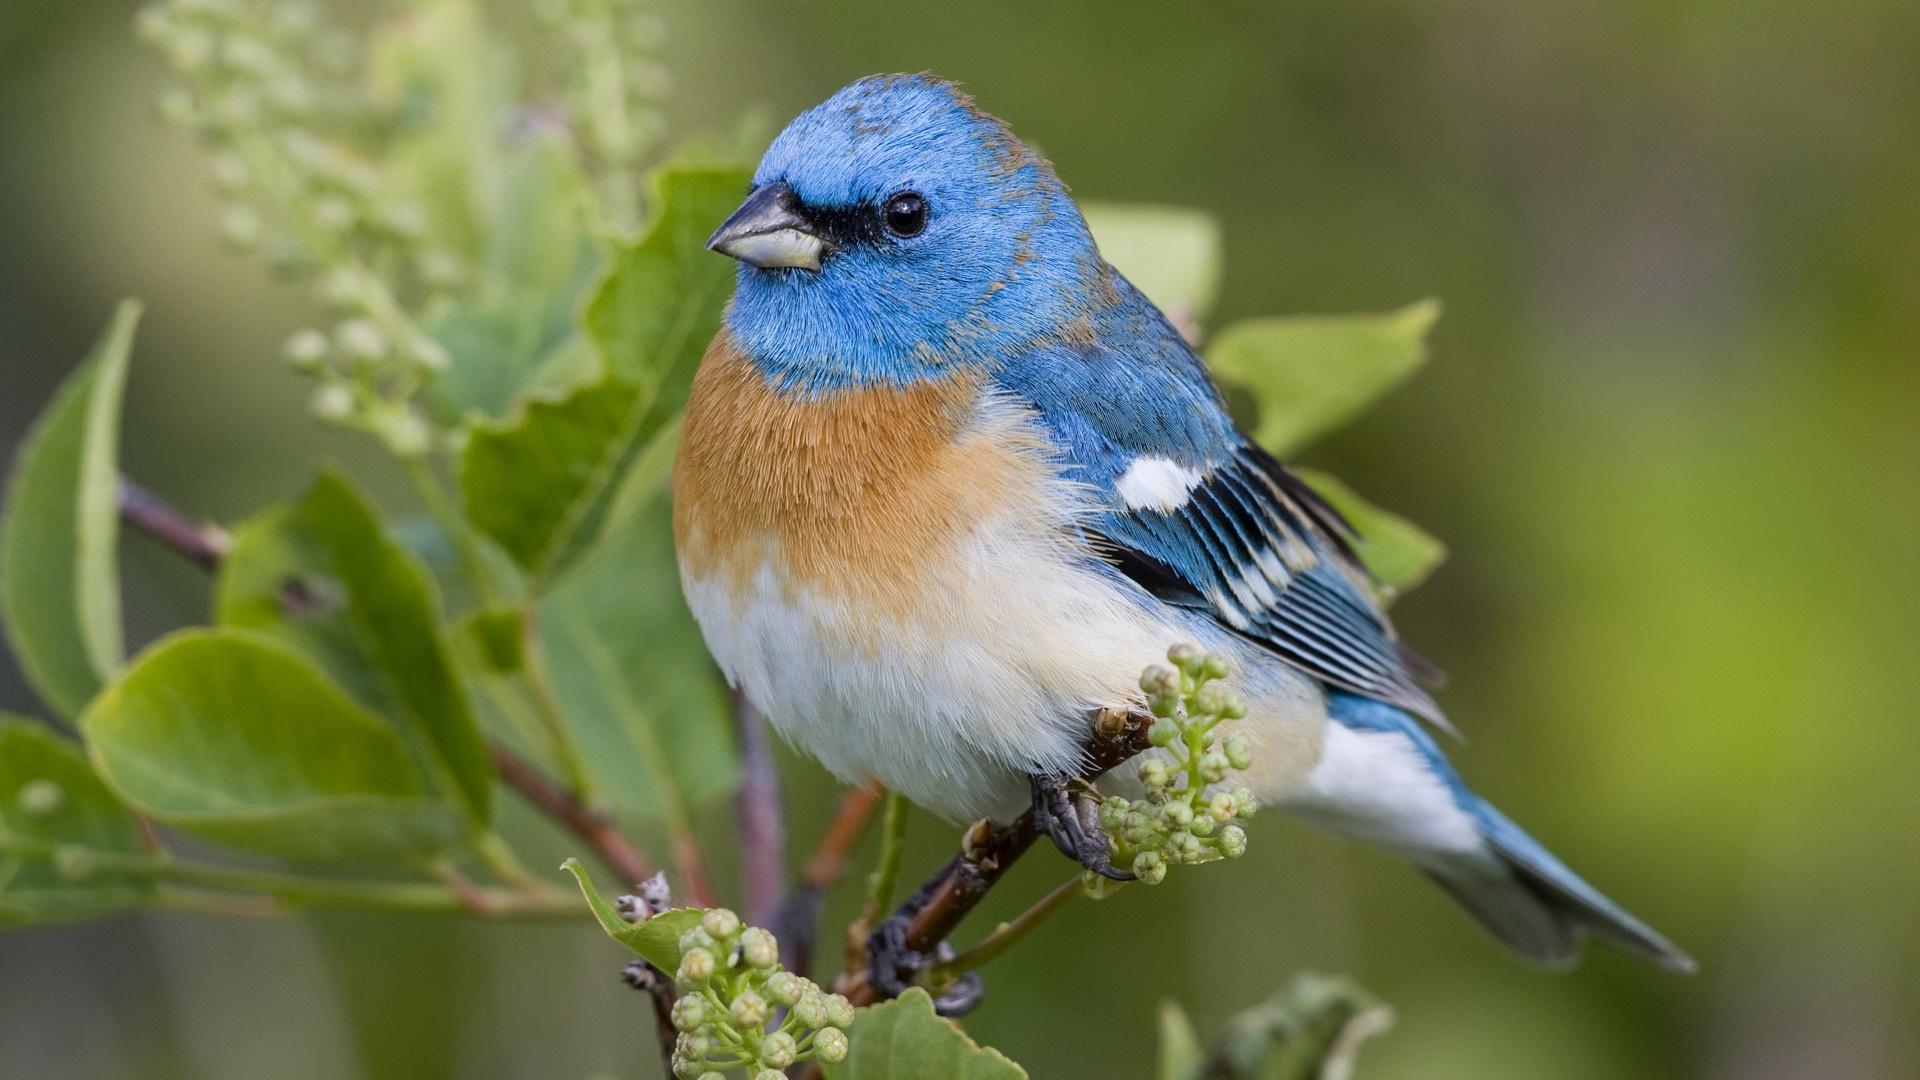 漂亮的蓝色鸟儿 壁纸 1920x1080